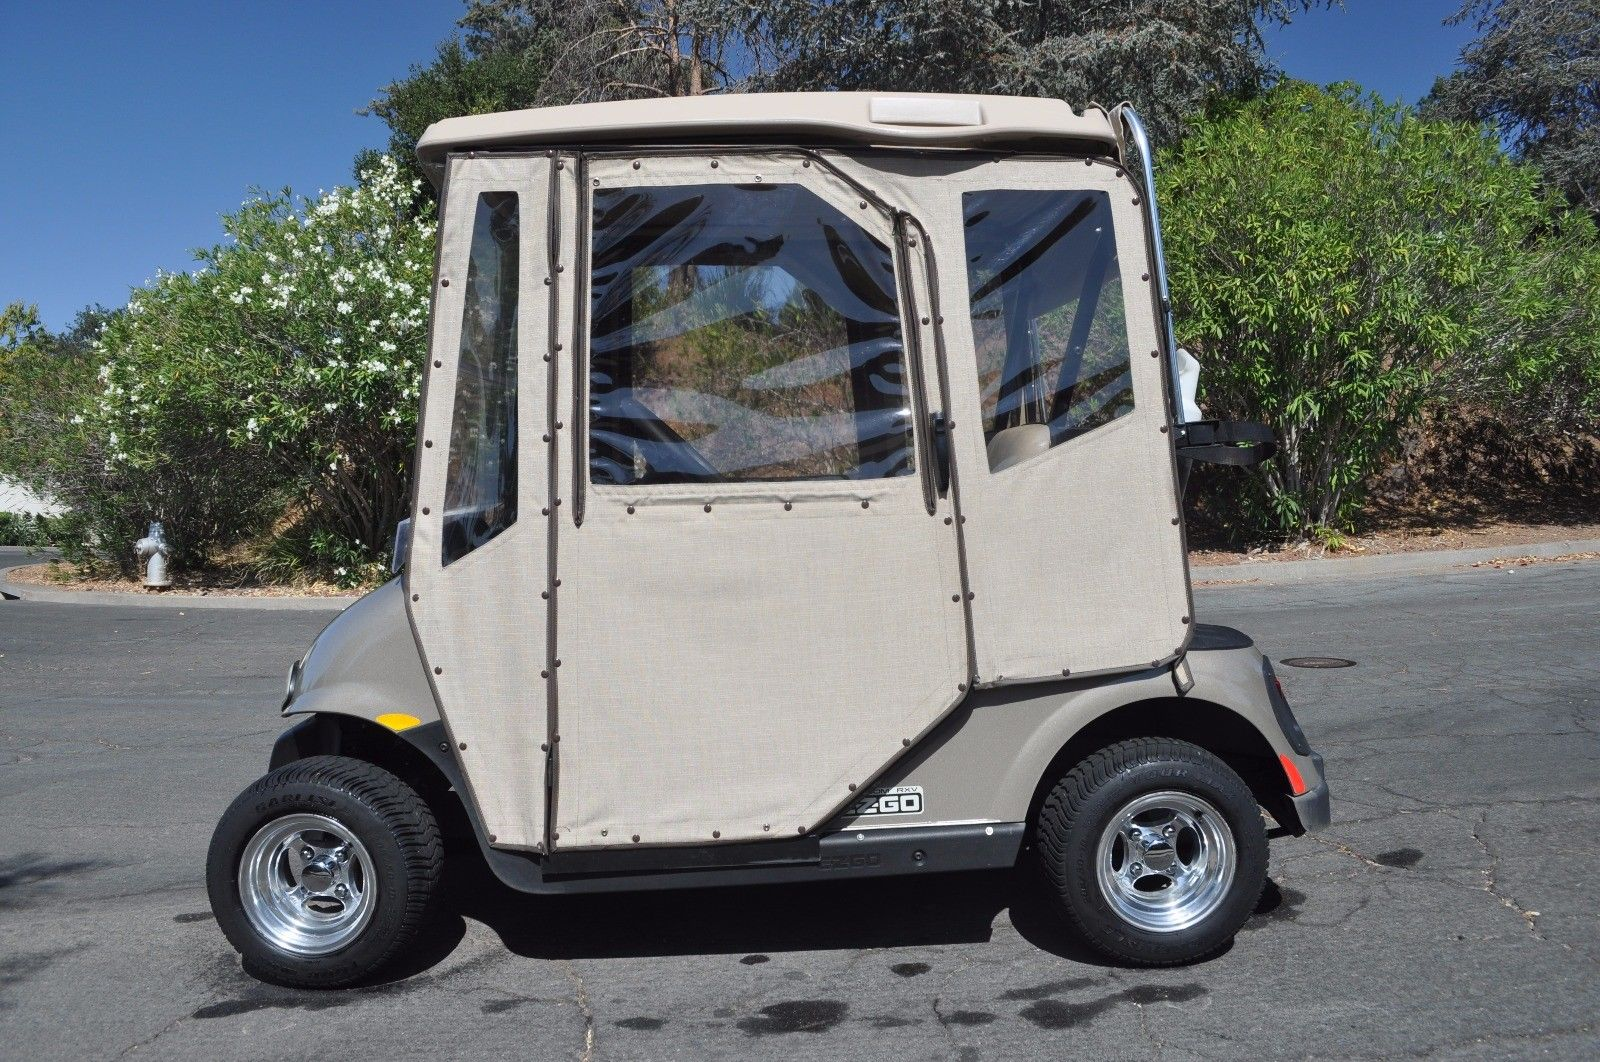 ez go furnace air flow direction diagram new batteries 2011 golf cart for sale